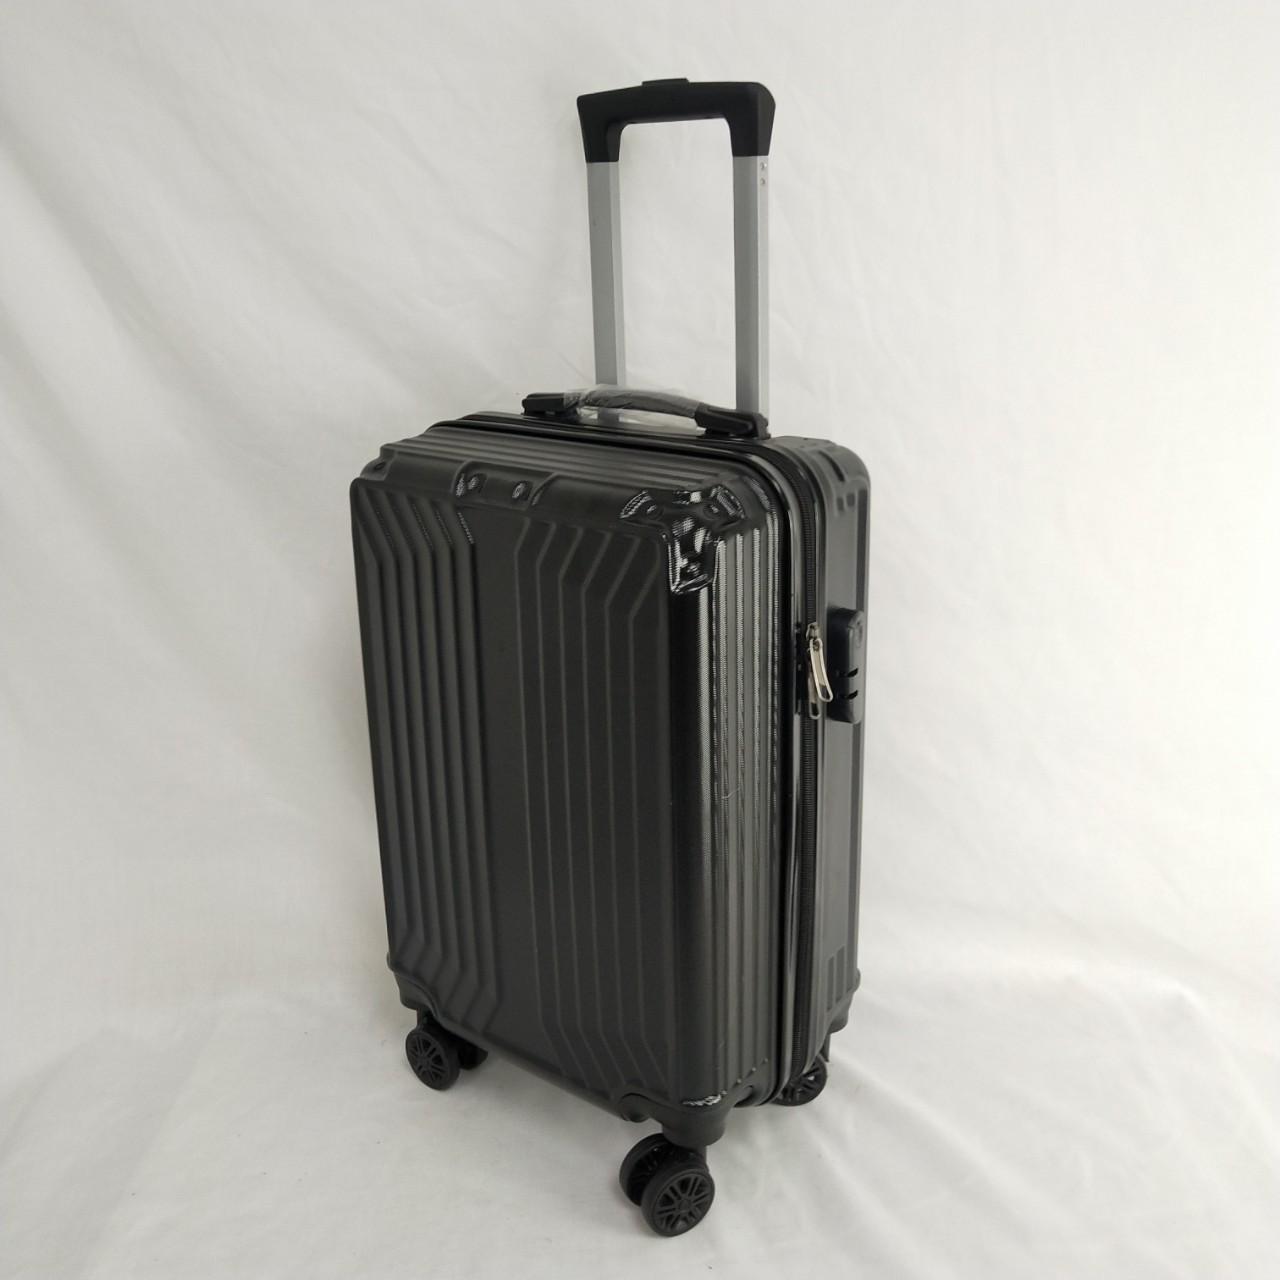 thị trường túi - Vali Hành lý phổ quát bánh xe vali xe đẩy trường hợp hội đồng quản trị nhà sản xuất